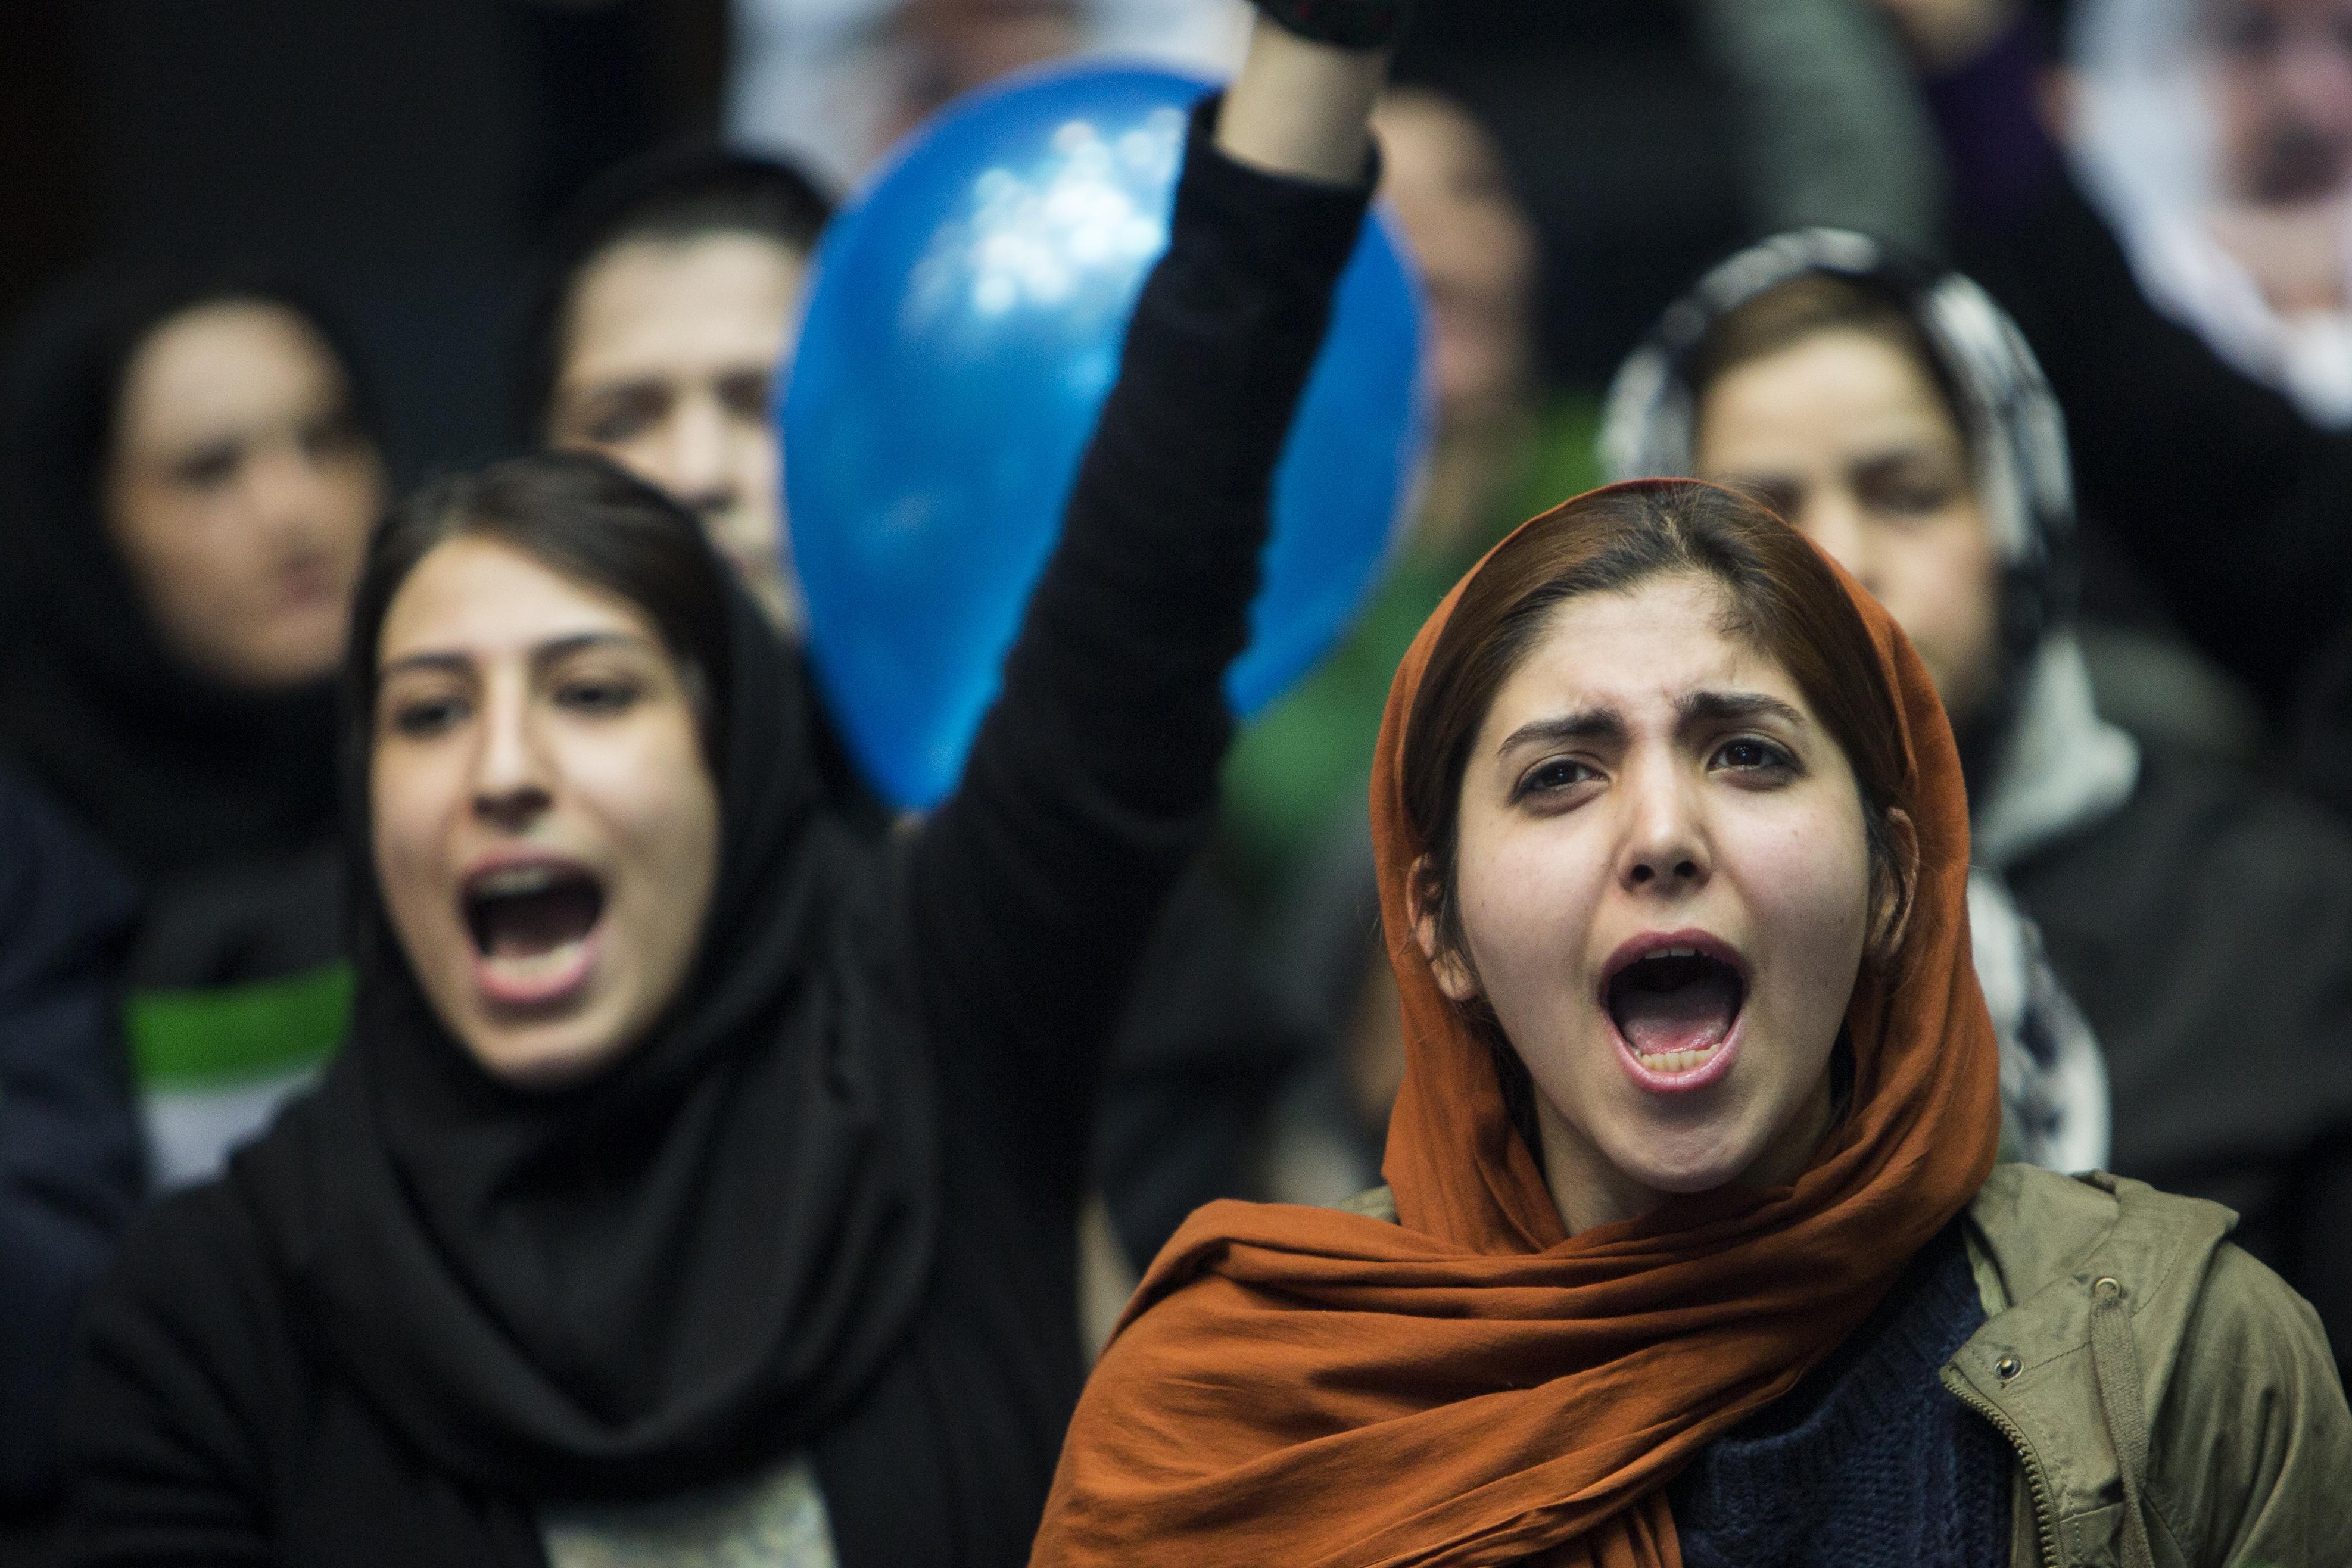 Teheránban mostantól nem zárják be a nőket, ha megsértik a muszlim öltözködési előírásokat